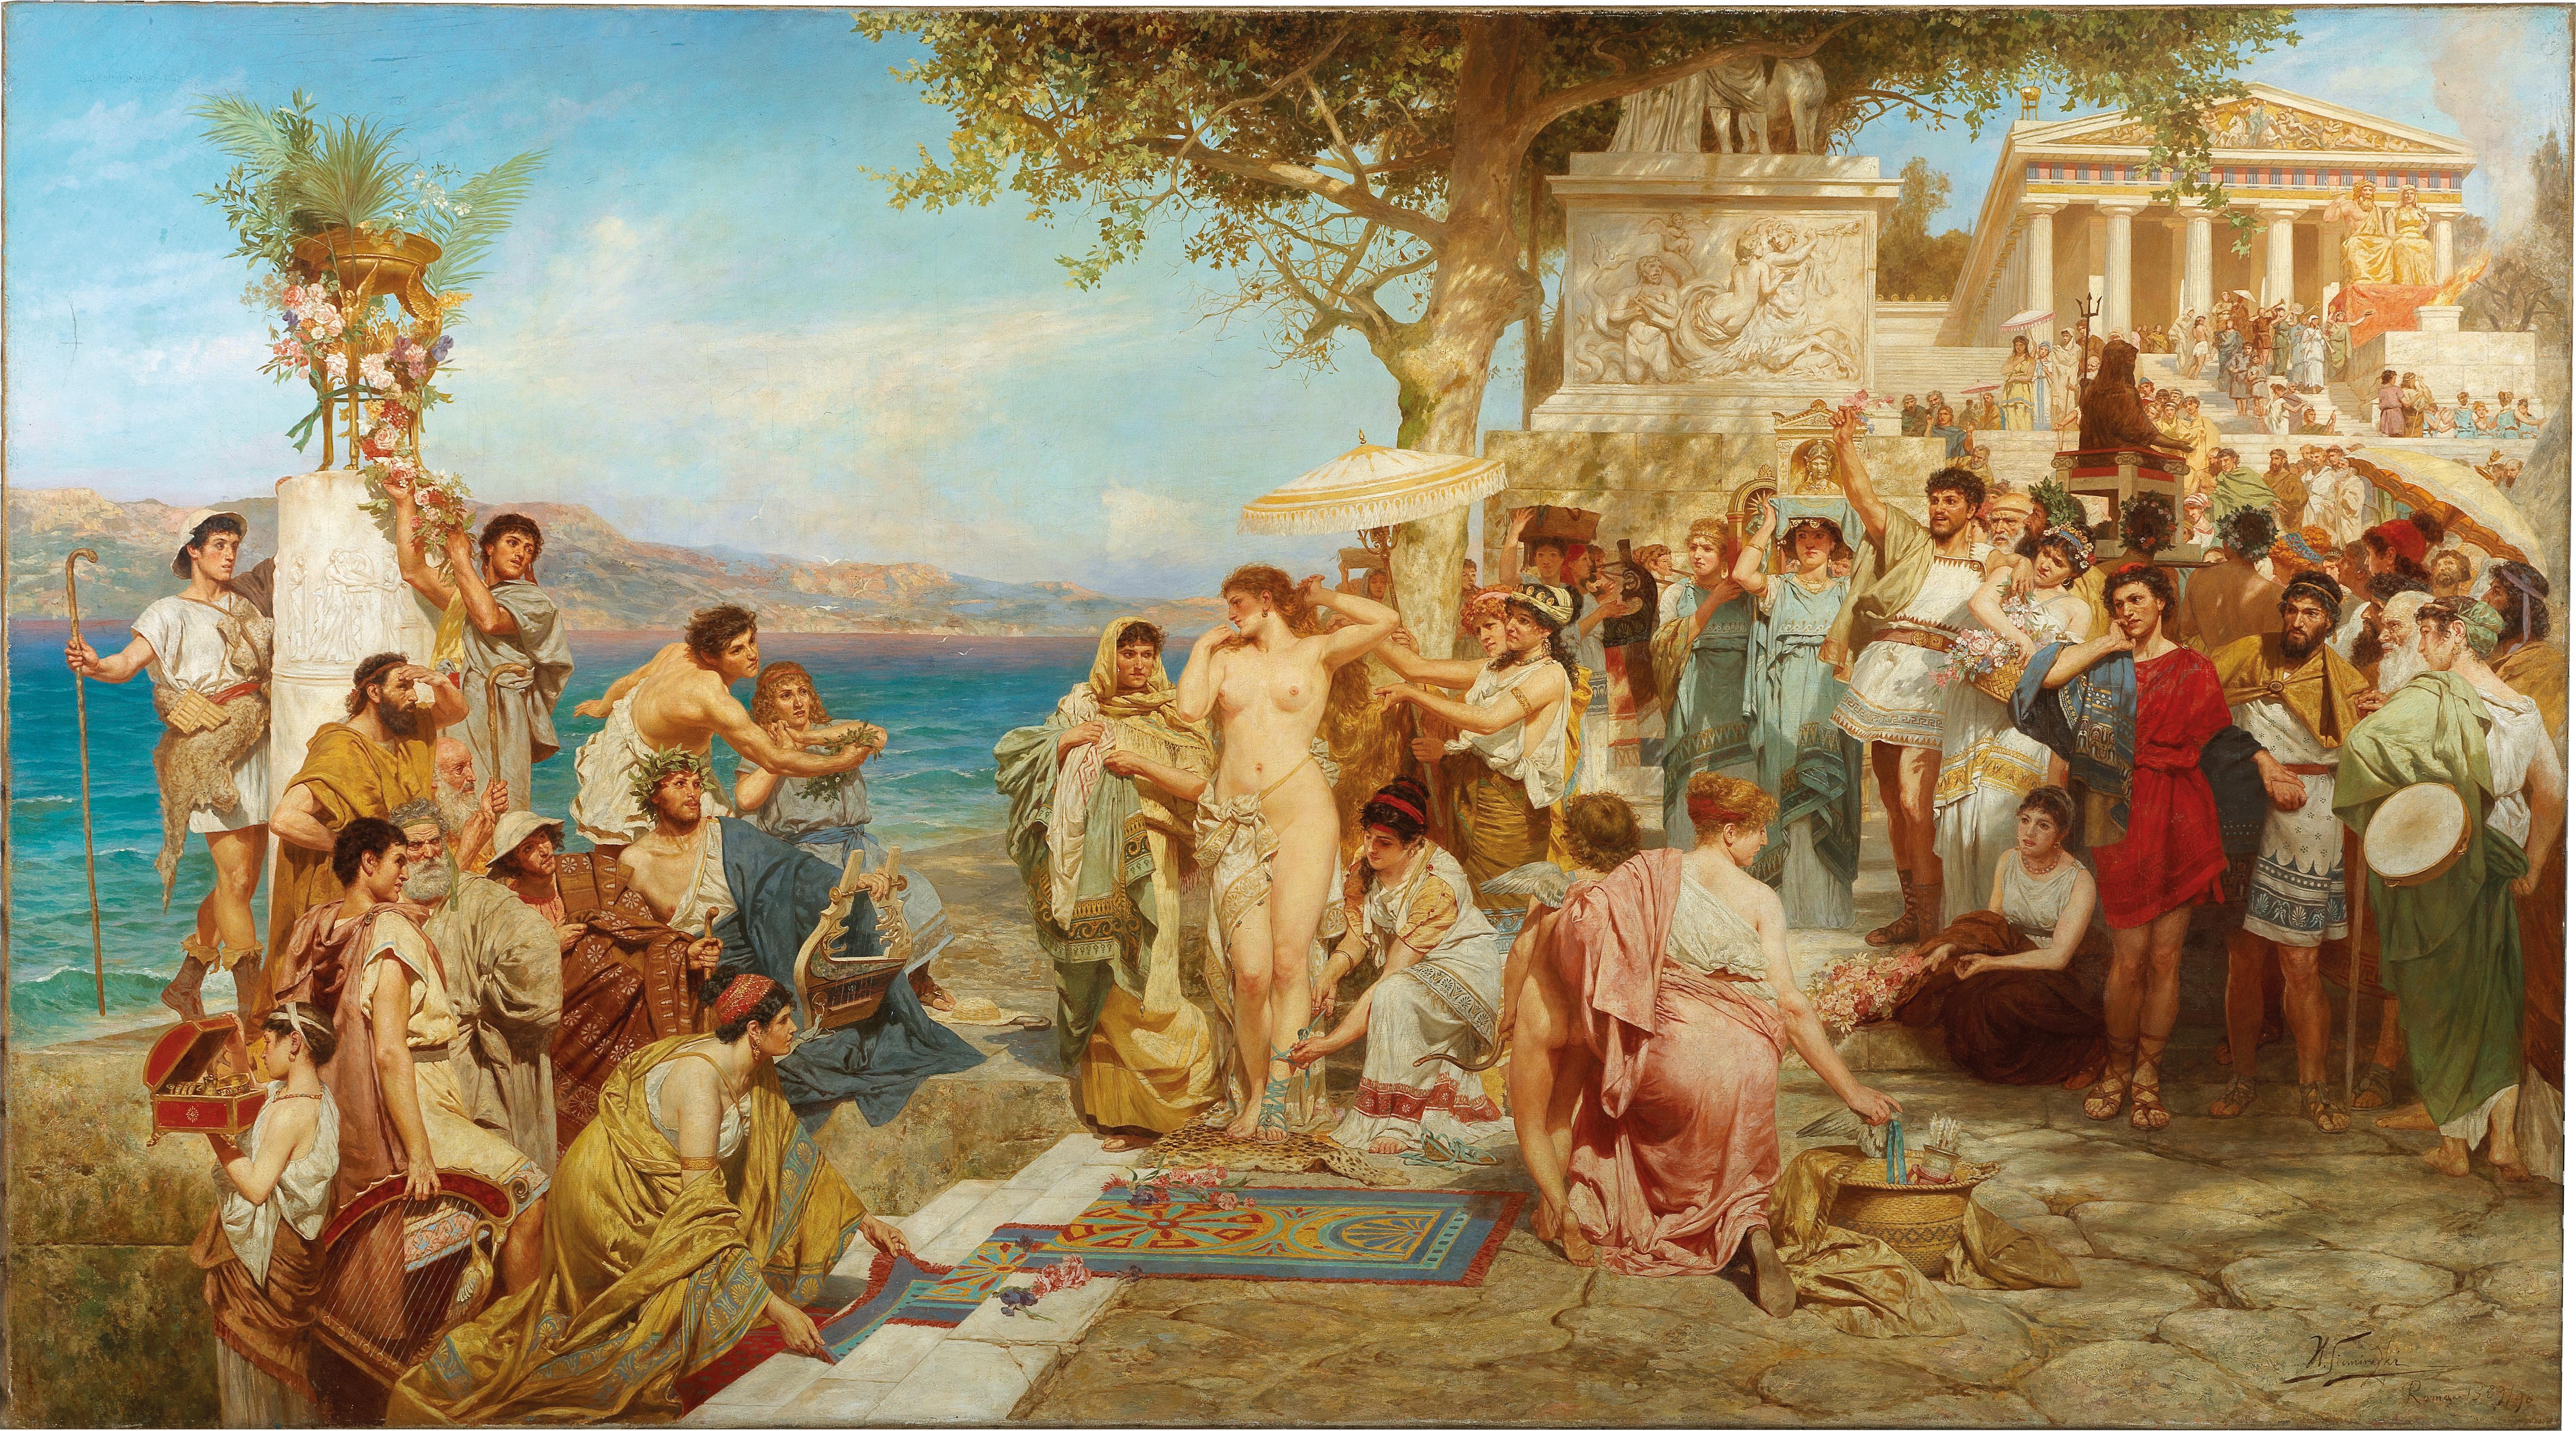 HENRYK SIEMIRADSKI (1843 Nowobelgorod - 1902 Strzałków) Werkstatt - Phryne beim Fest des Poseidon in Eleusis, Öl/Lwd., bezeichnet und datiert, Rom 1889/90